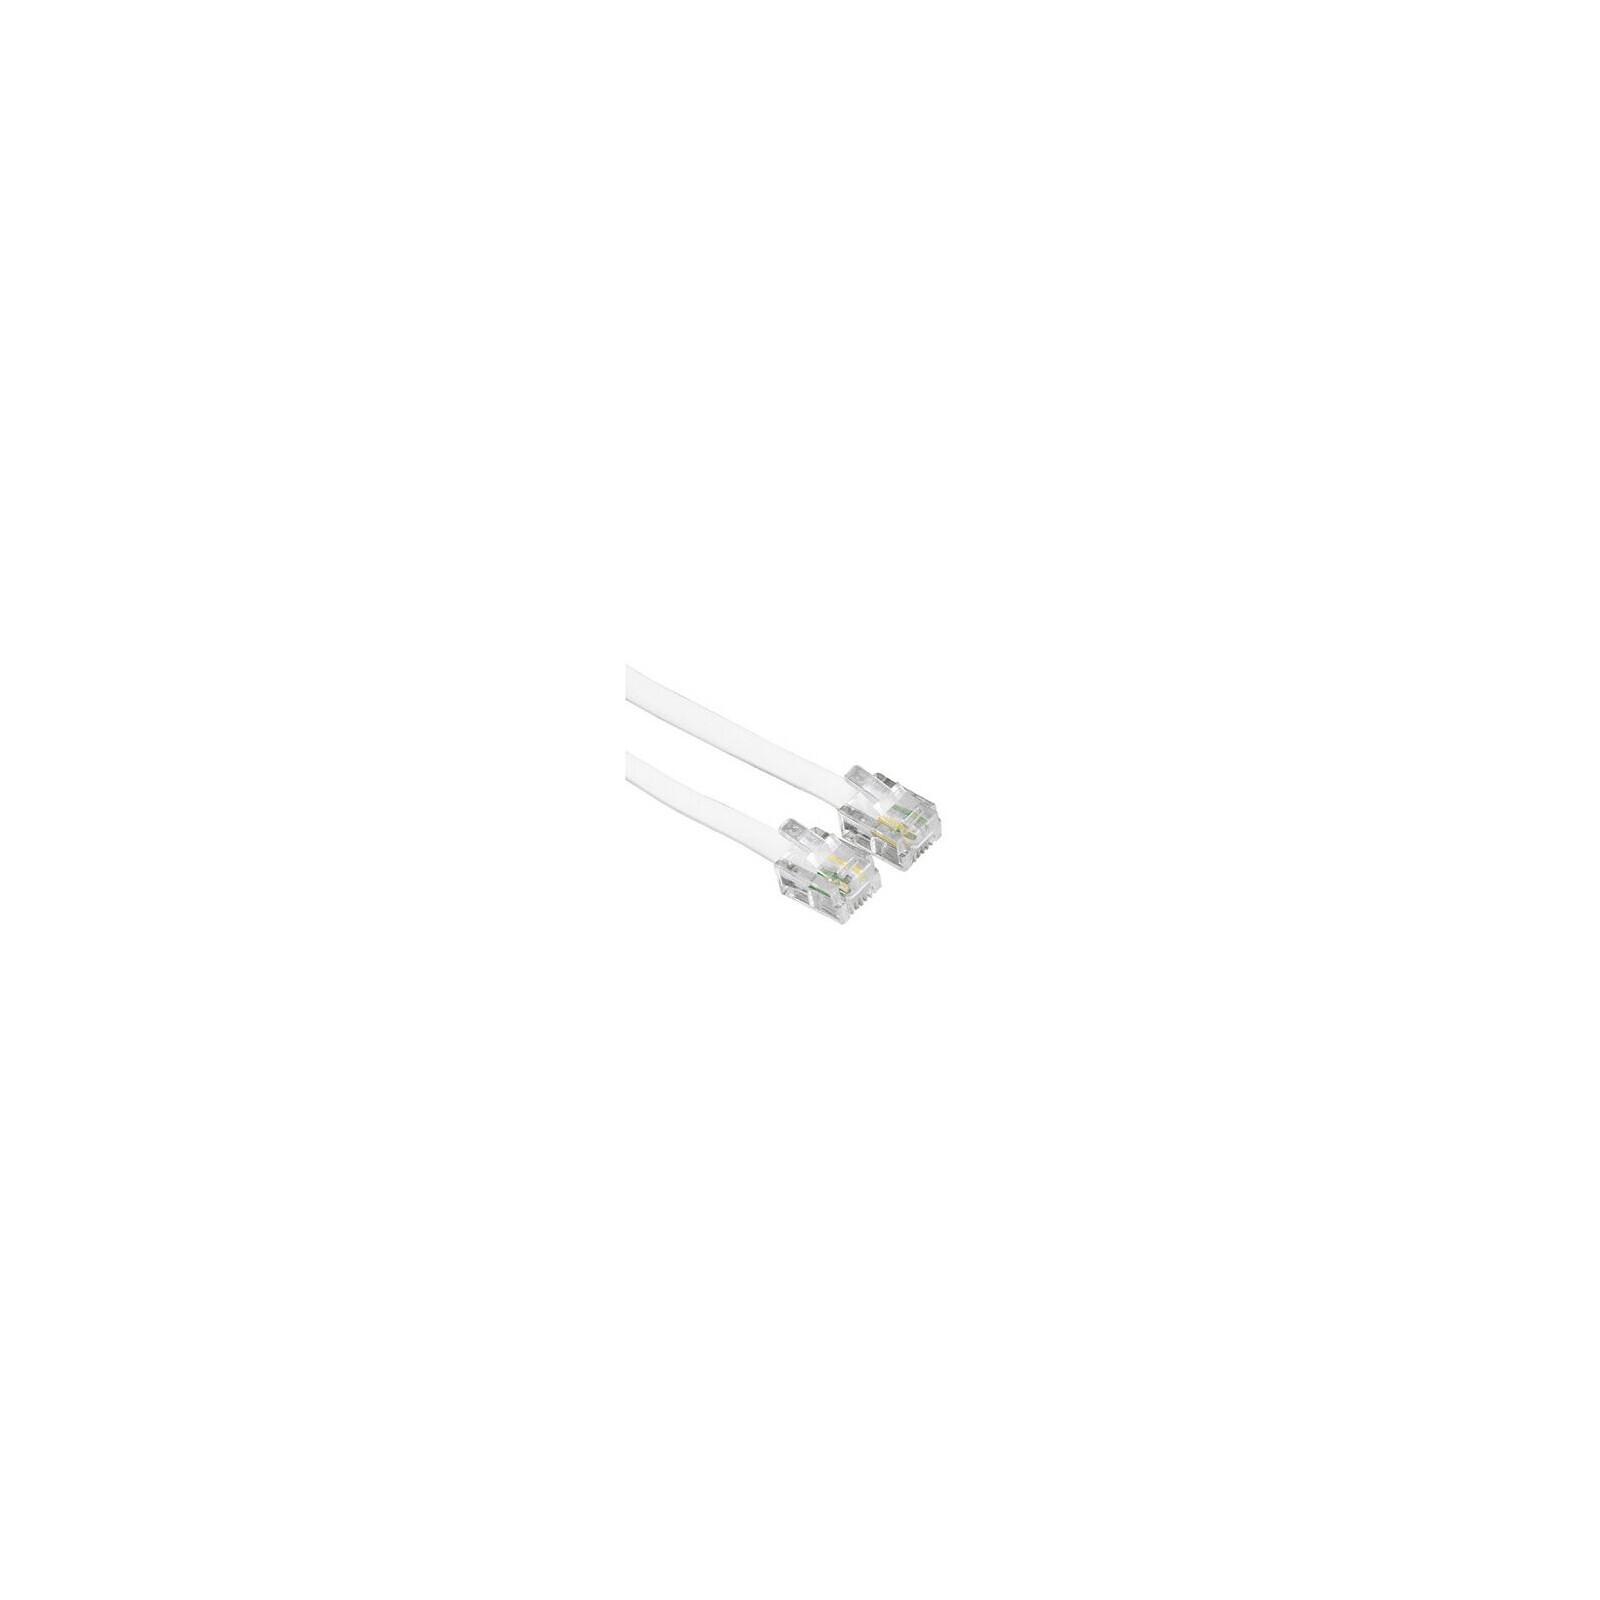 Hama 44490 Modularkabel Stecker 6p4c - Stecker 6p4c 6 m weiß